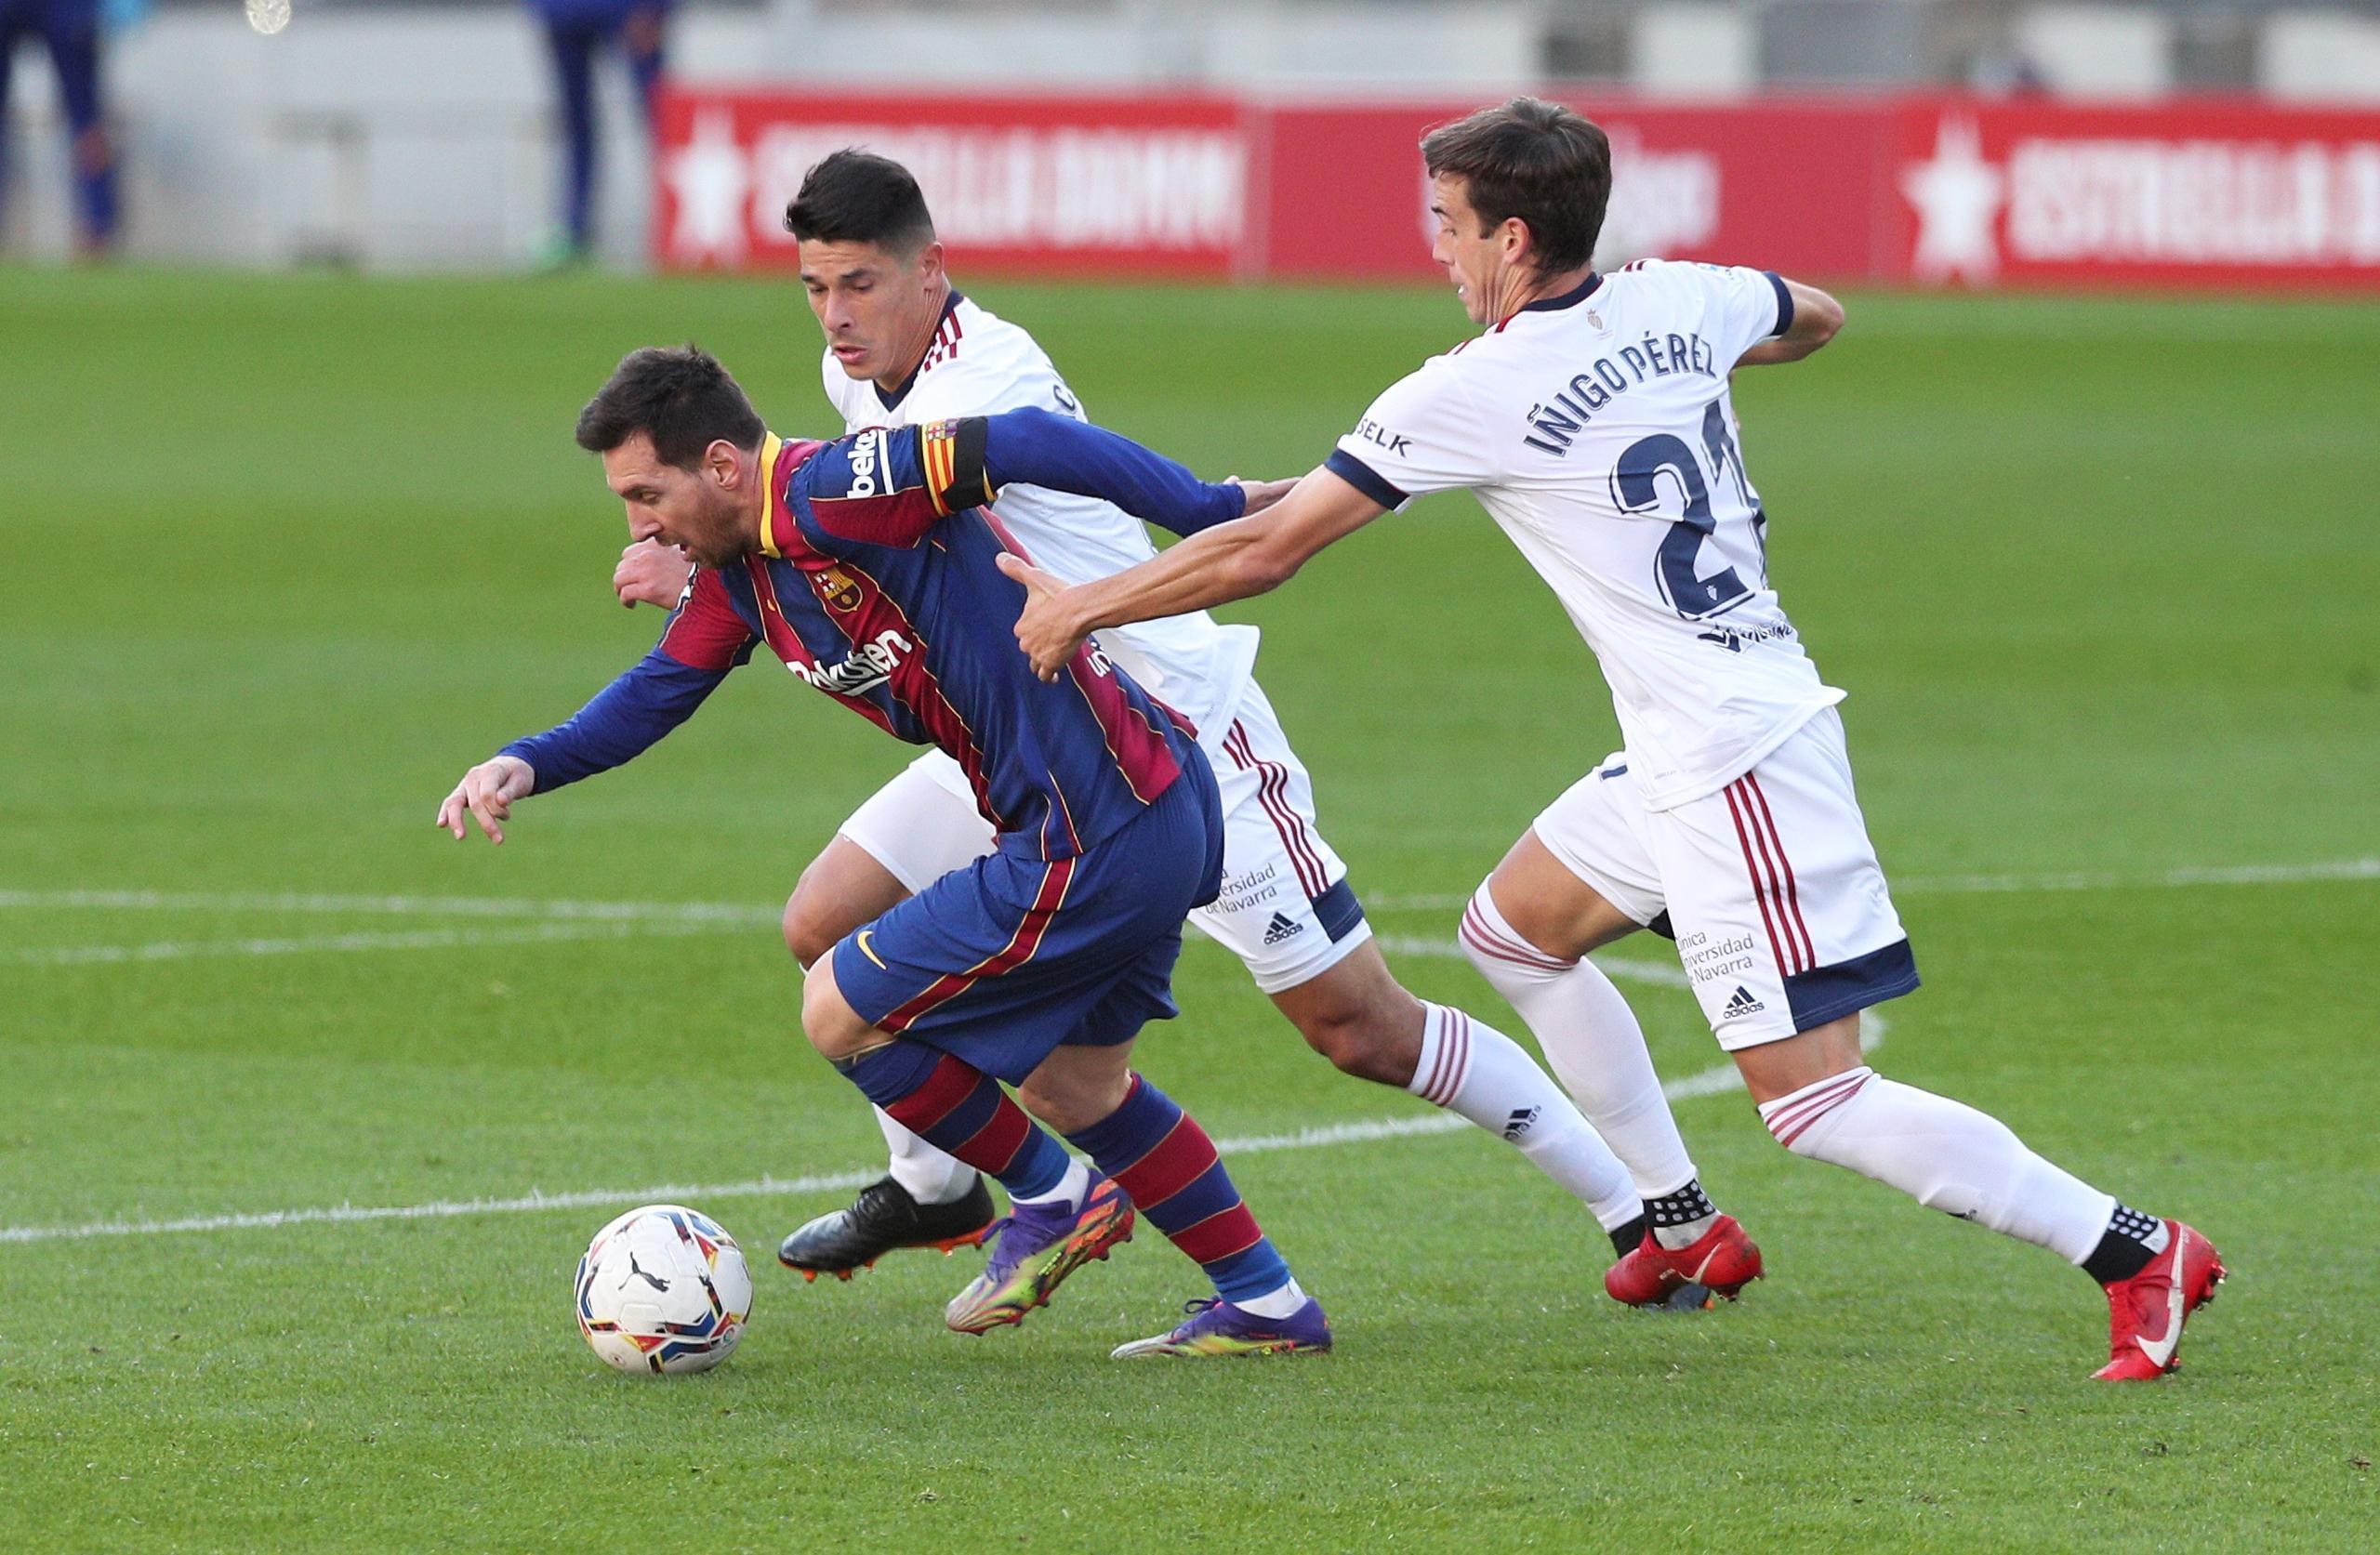 Förre klubbpresident avslöjar miljardbudet på Messi